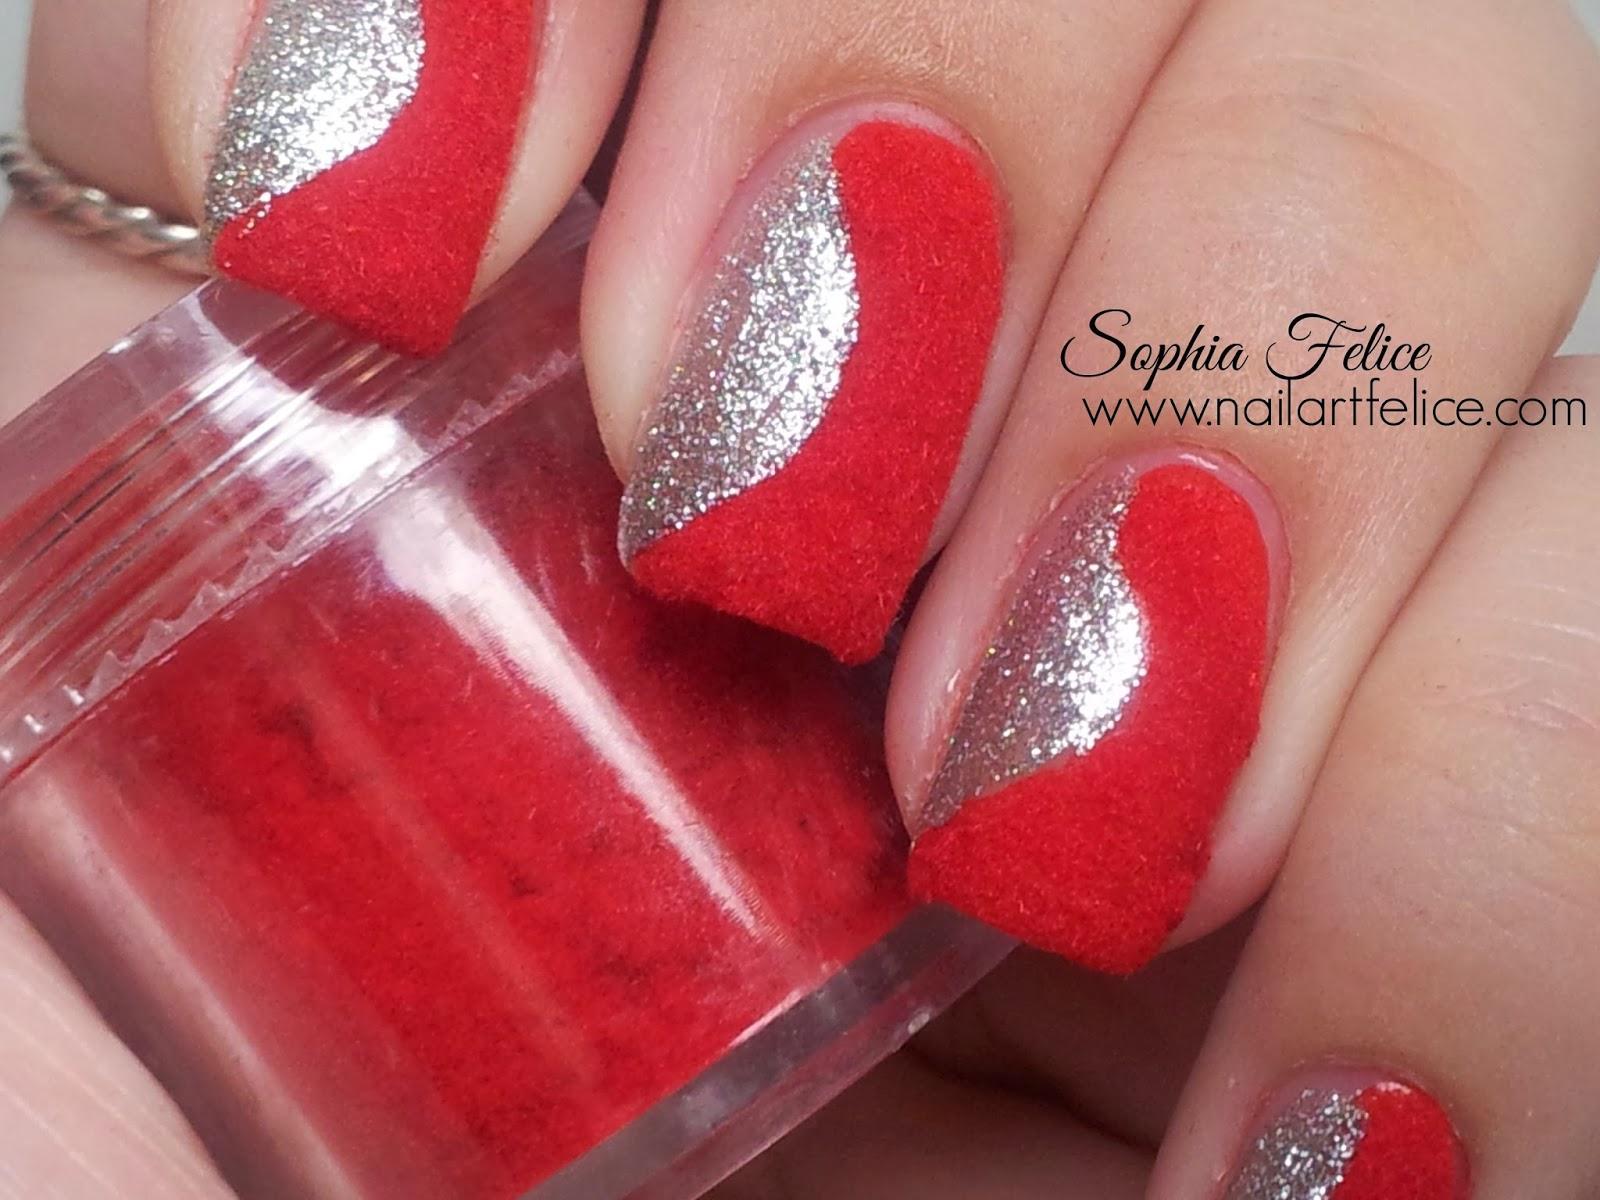 Amato Idea unghie con effetto velluto fuzzy nails GX59